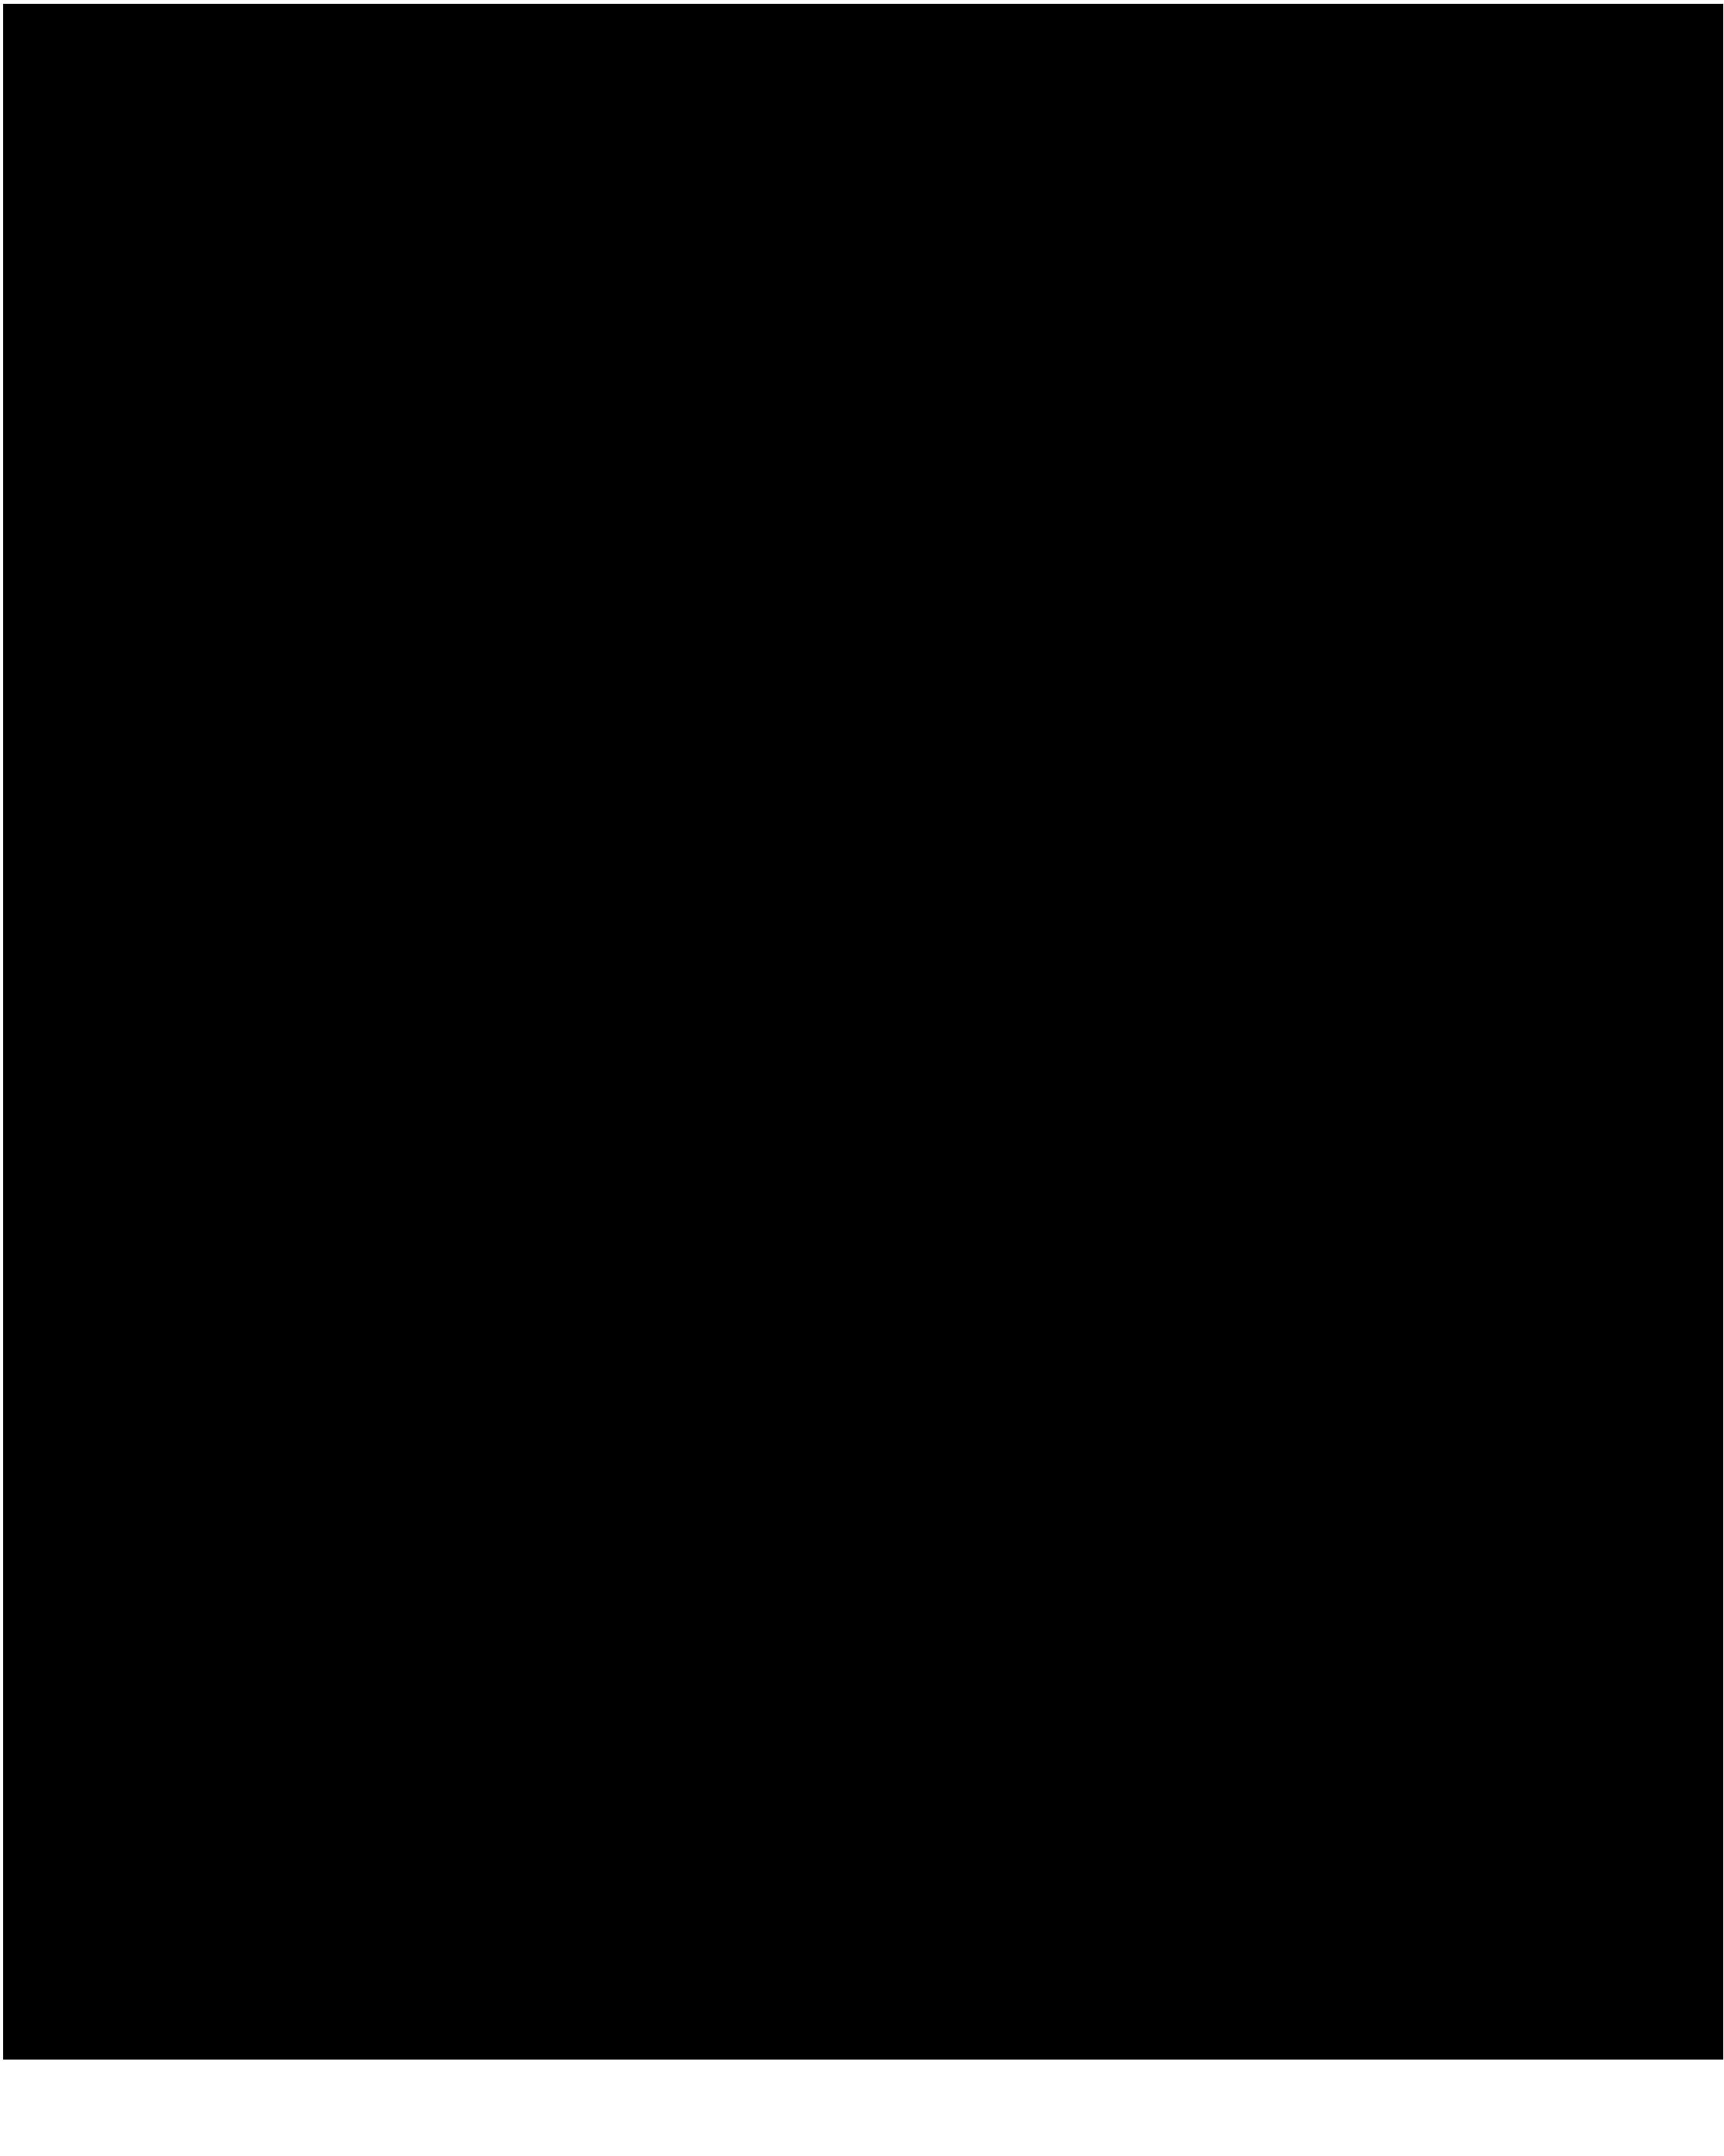 hymnus-2